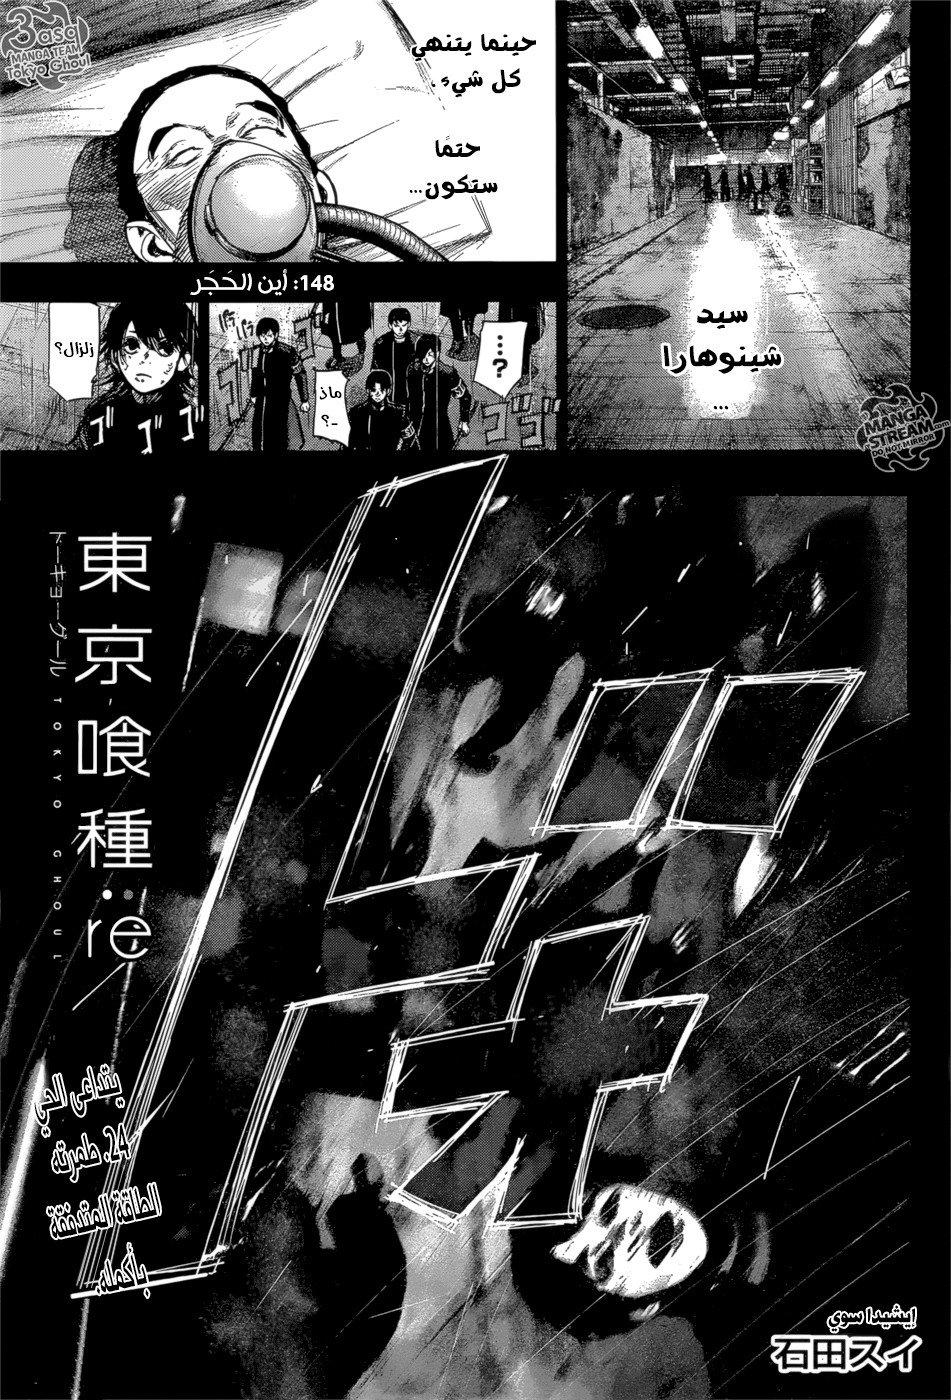 طوكيو غول:ري 148, Tokyo Ghoul:re 148